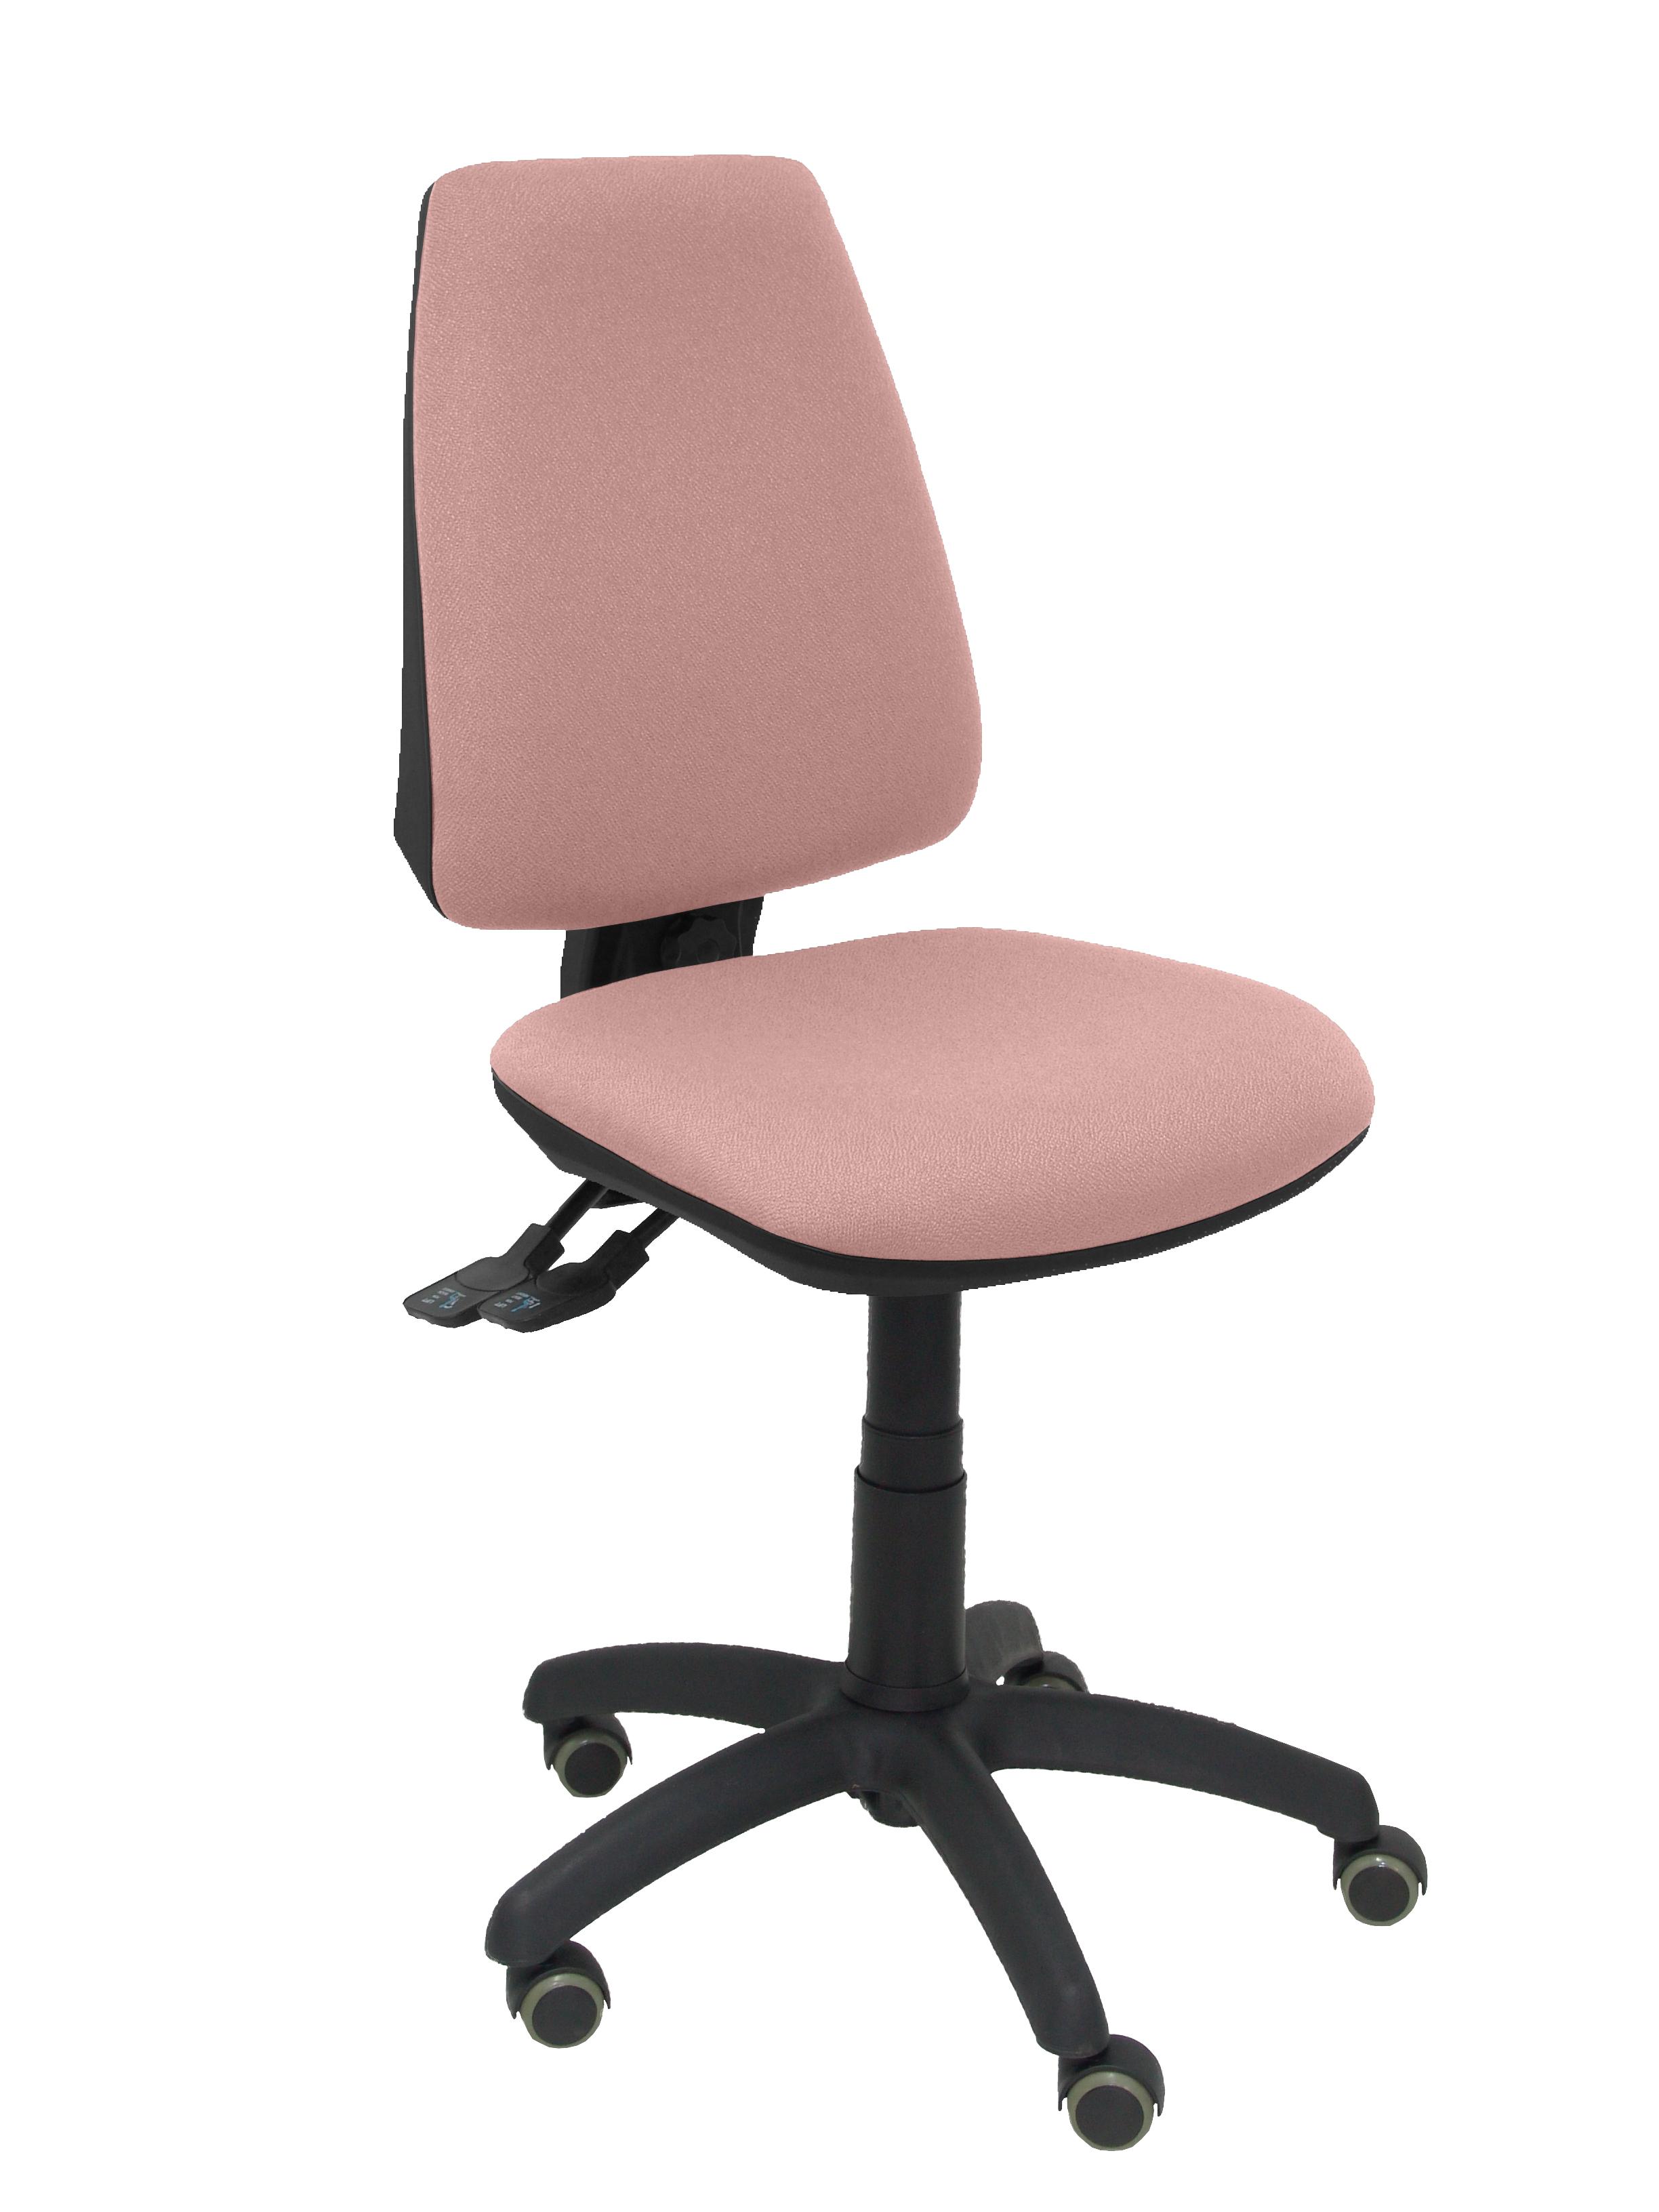 Silla Elche S bali rosa pálido ruedas de parquet